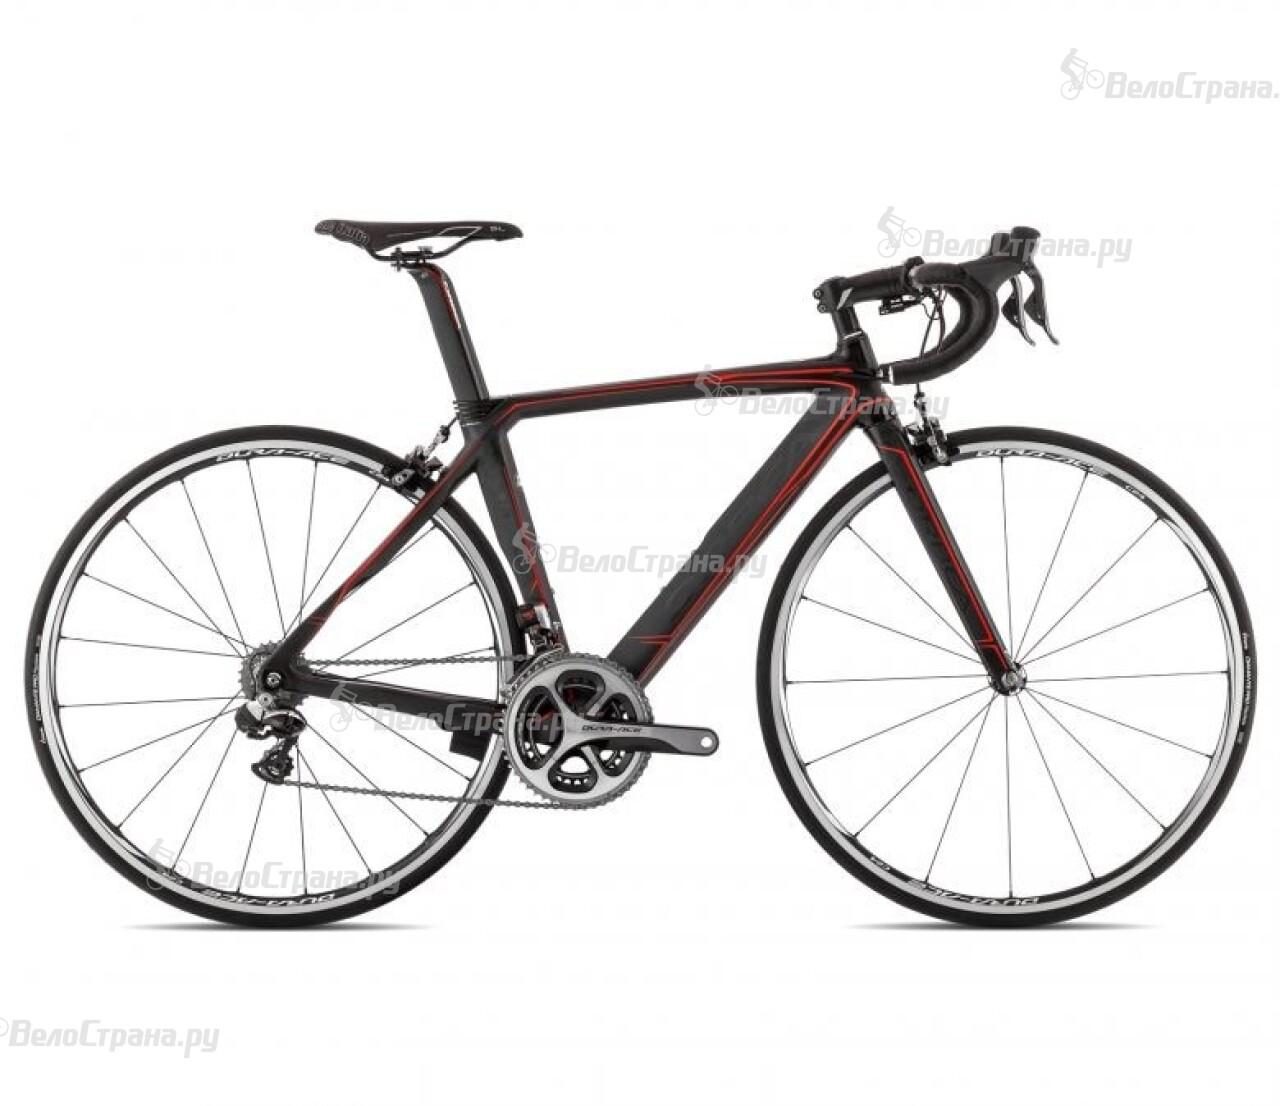 Велосипед Orbea Orca M-ltd (2014) велосипед orbea orca dama gth 2013